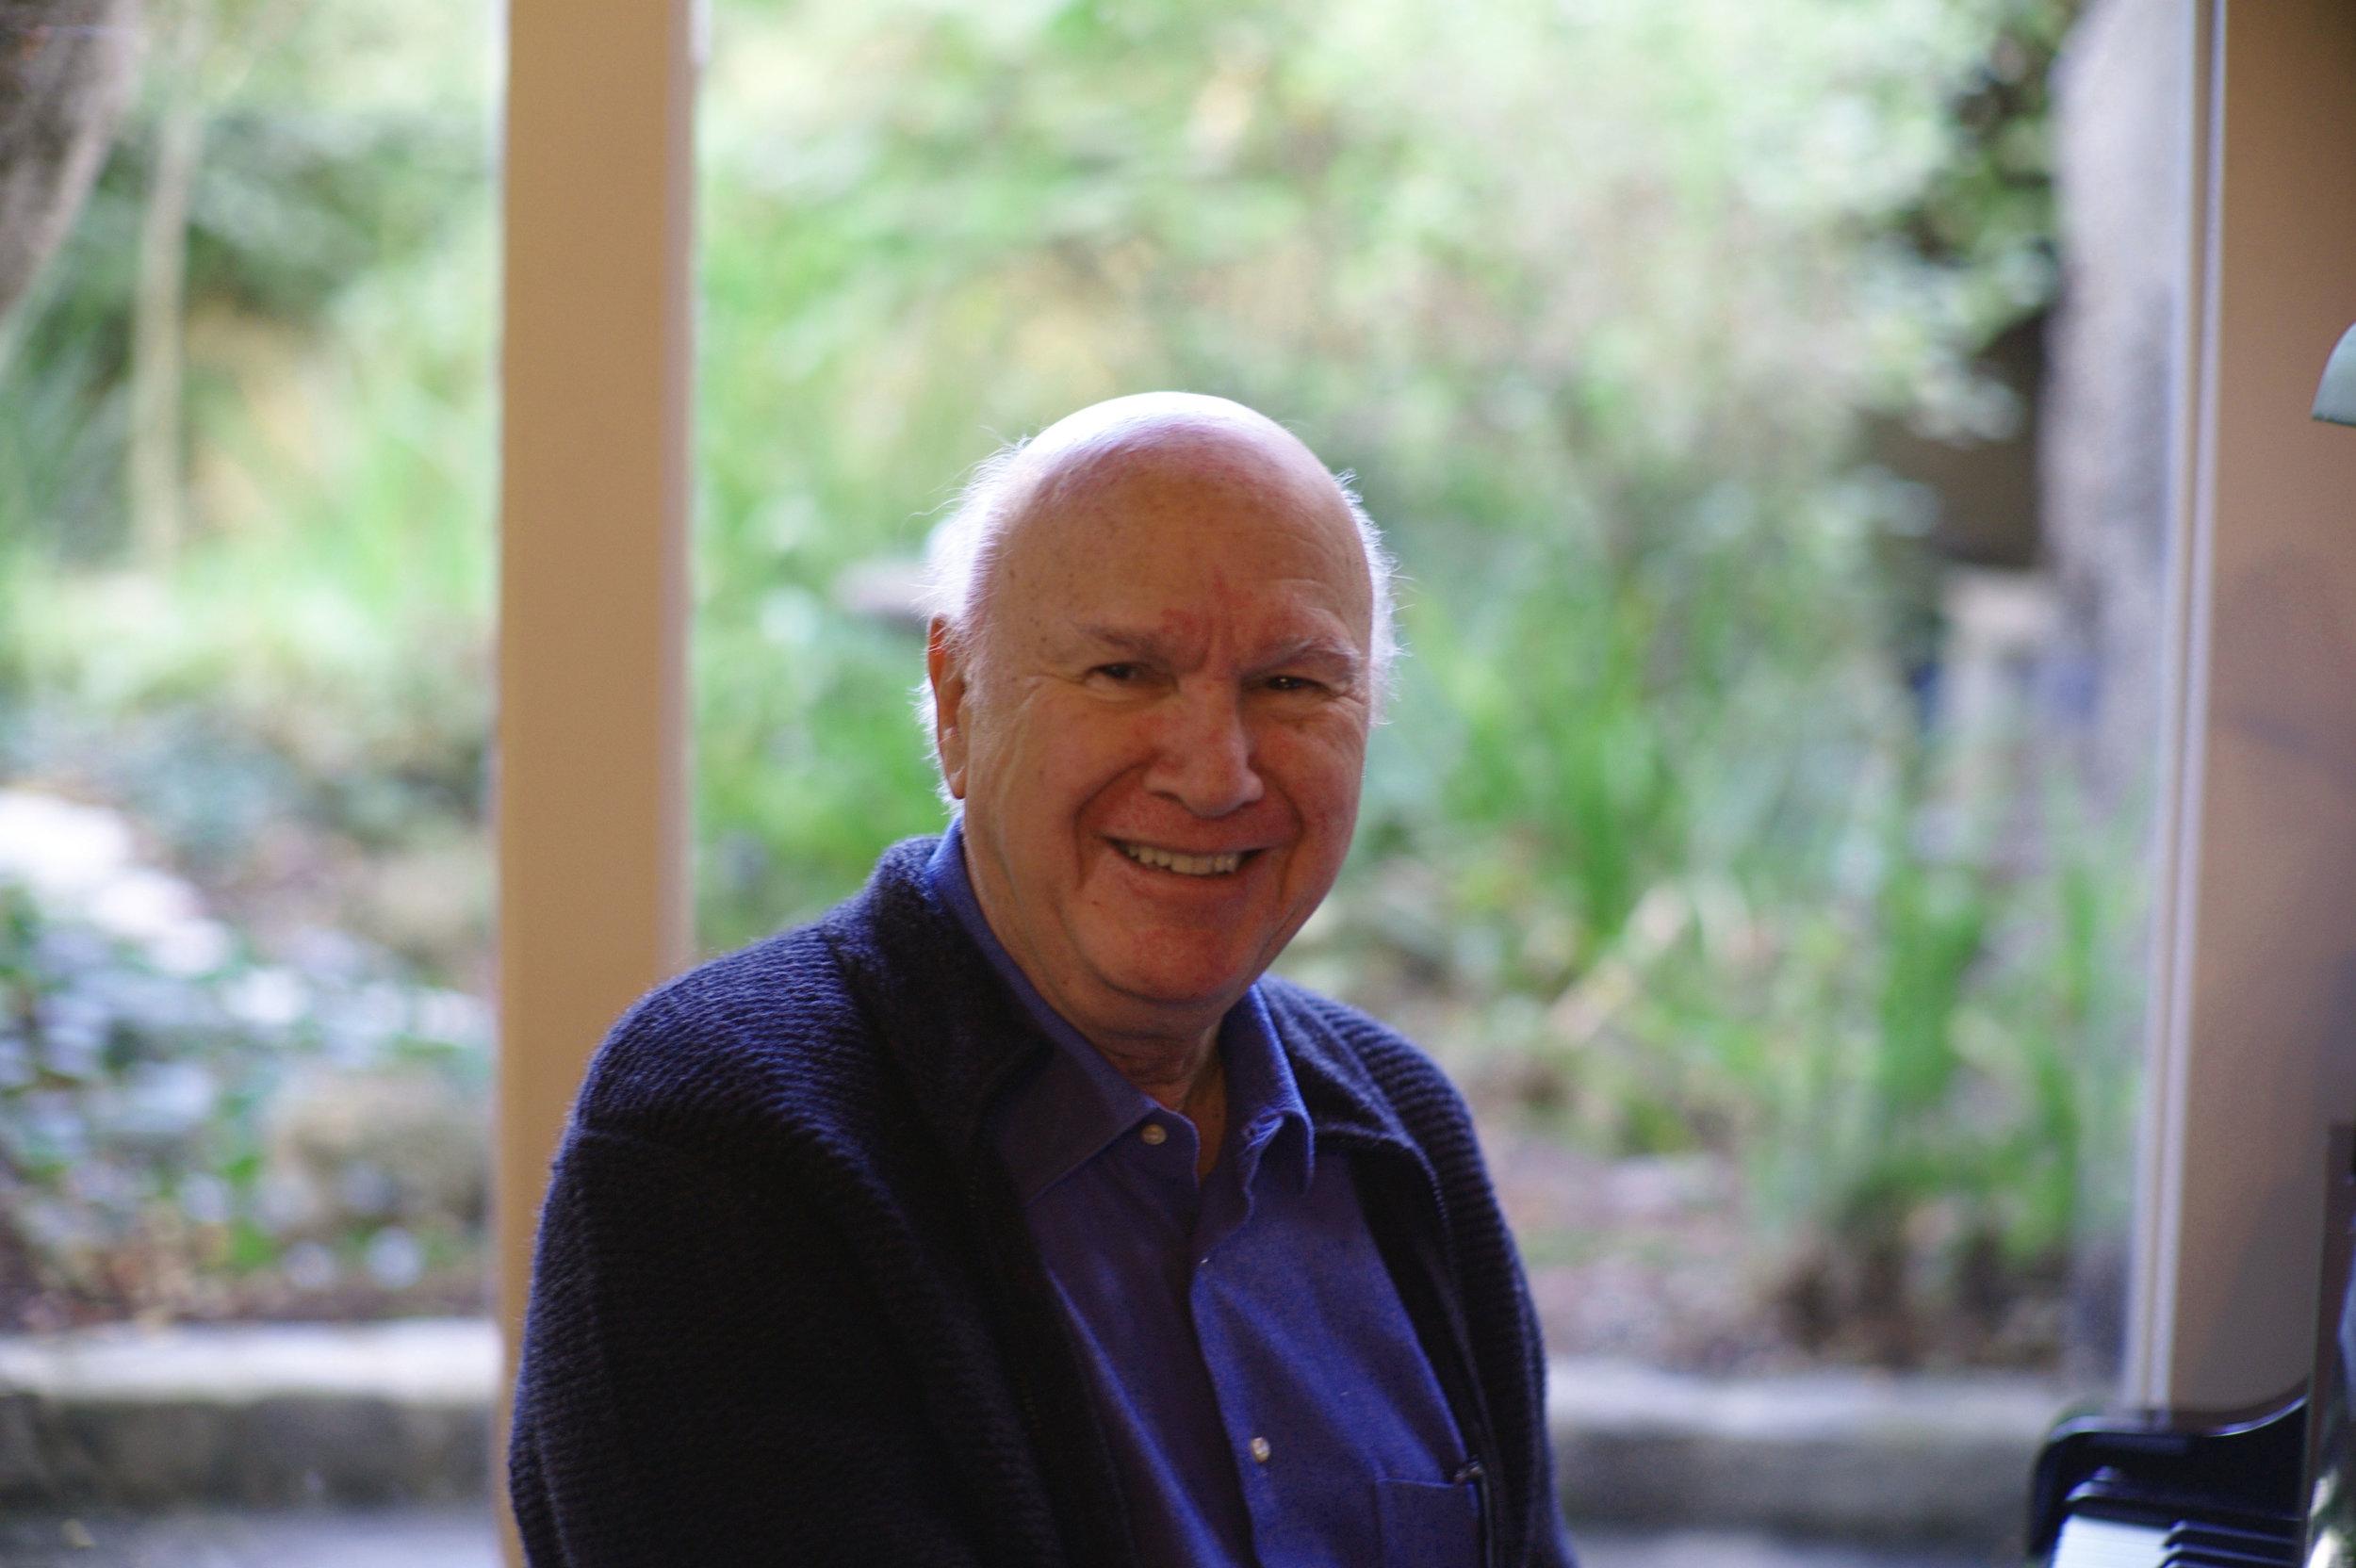 Paul L